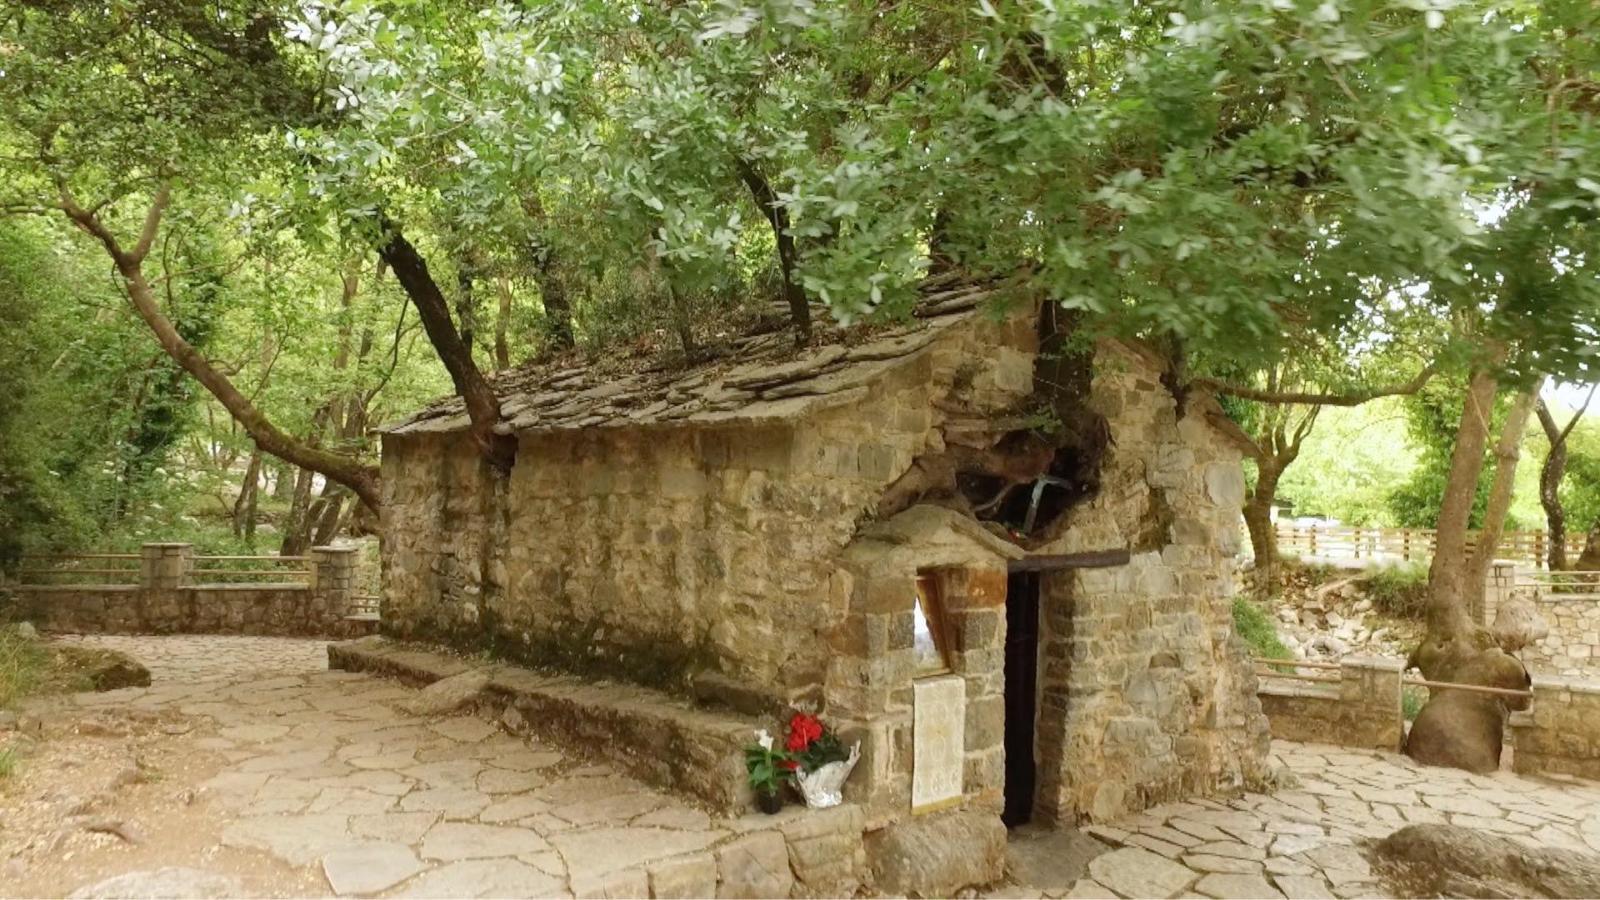 Αγία Θεοδώρα-Μεγαλόπολη-Κατσίμπαλη(Παπάκια)-Μονή Μπούρα 36